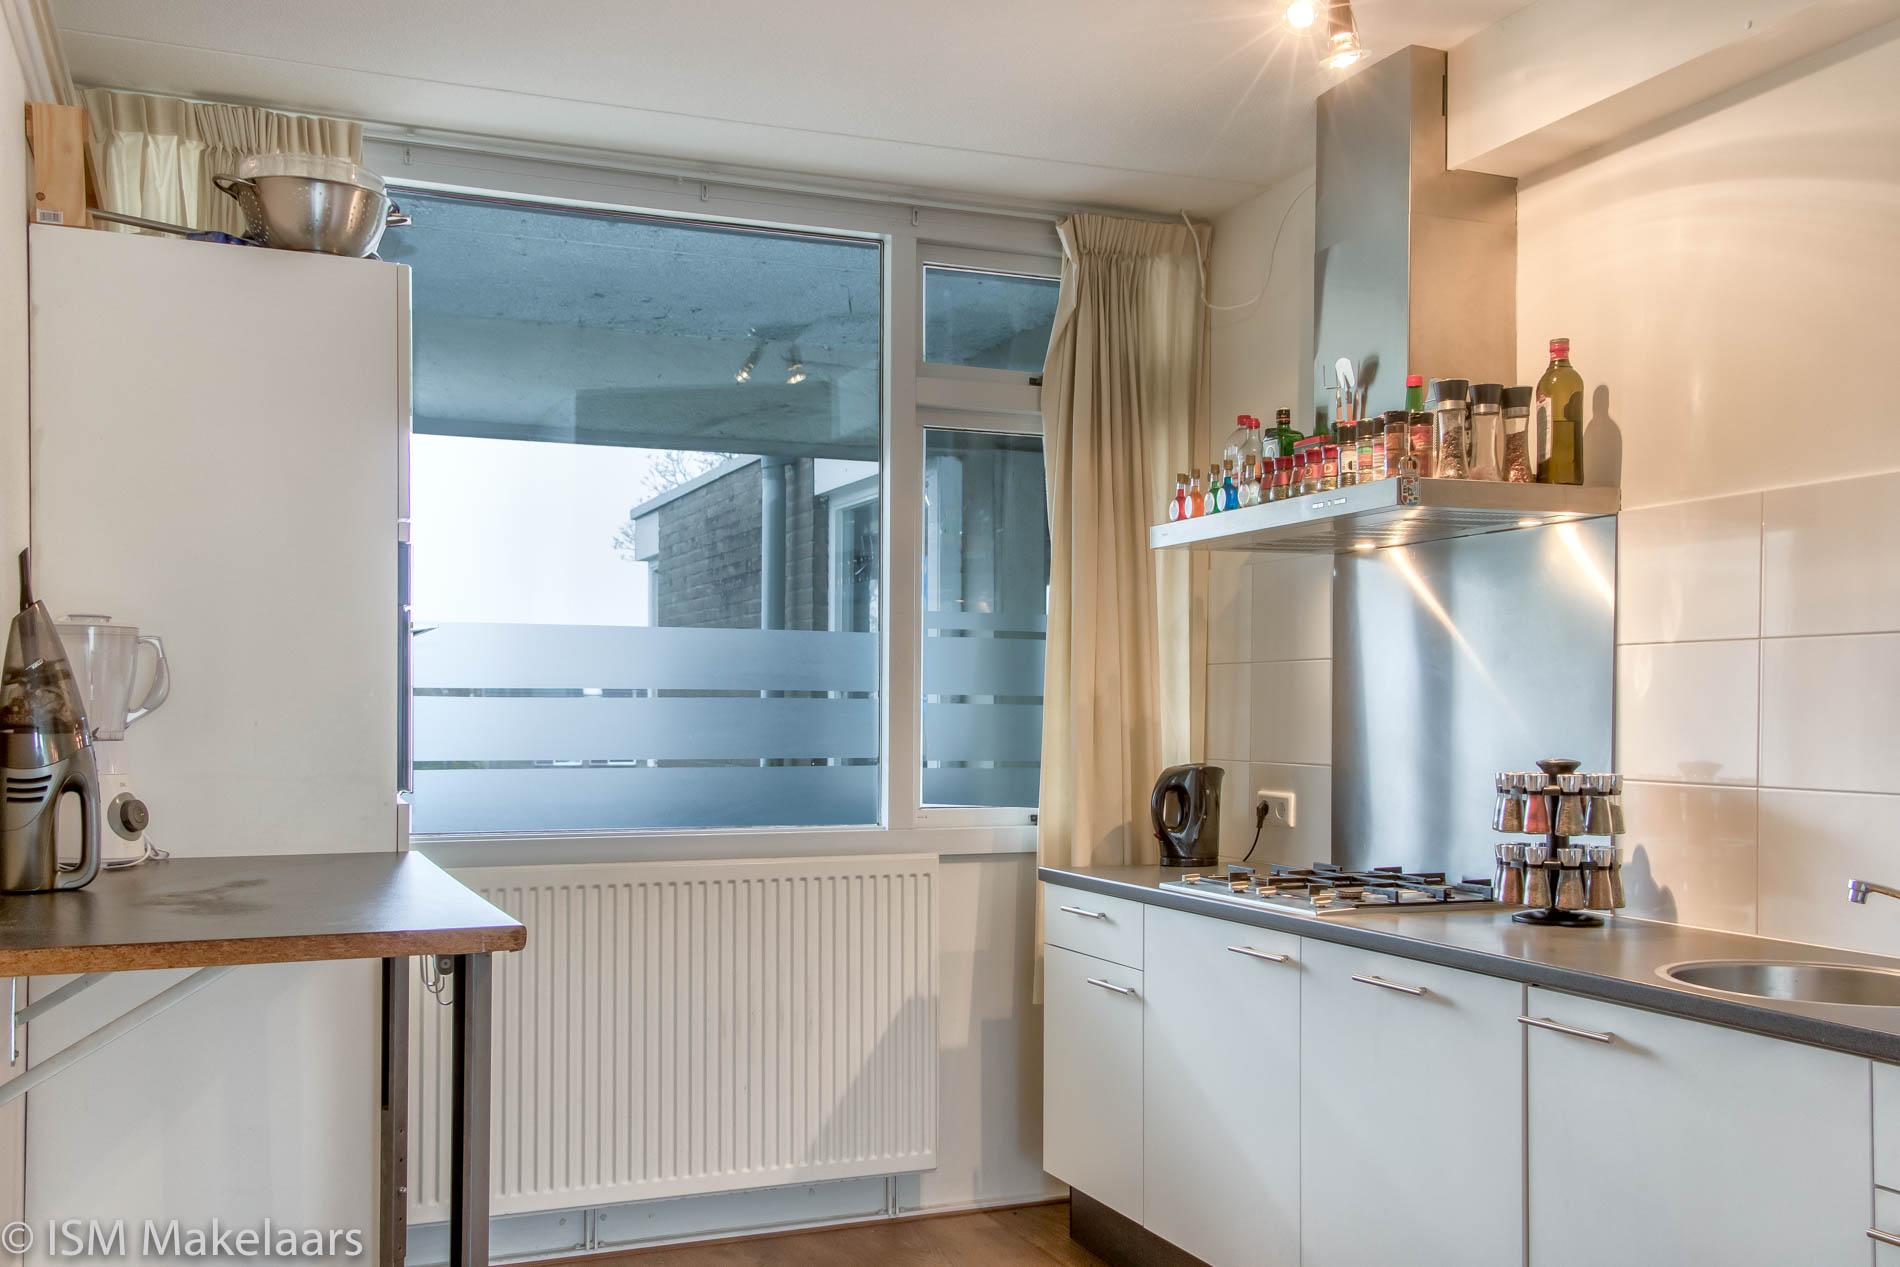 Keuken euromarkt 30 middelburg ISM Makelaars